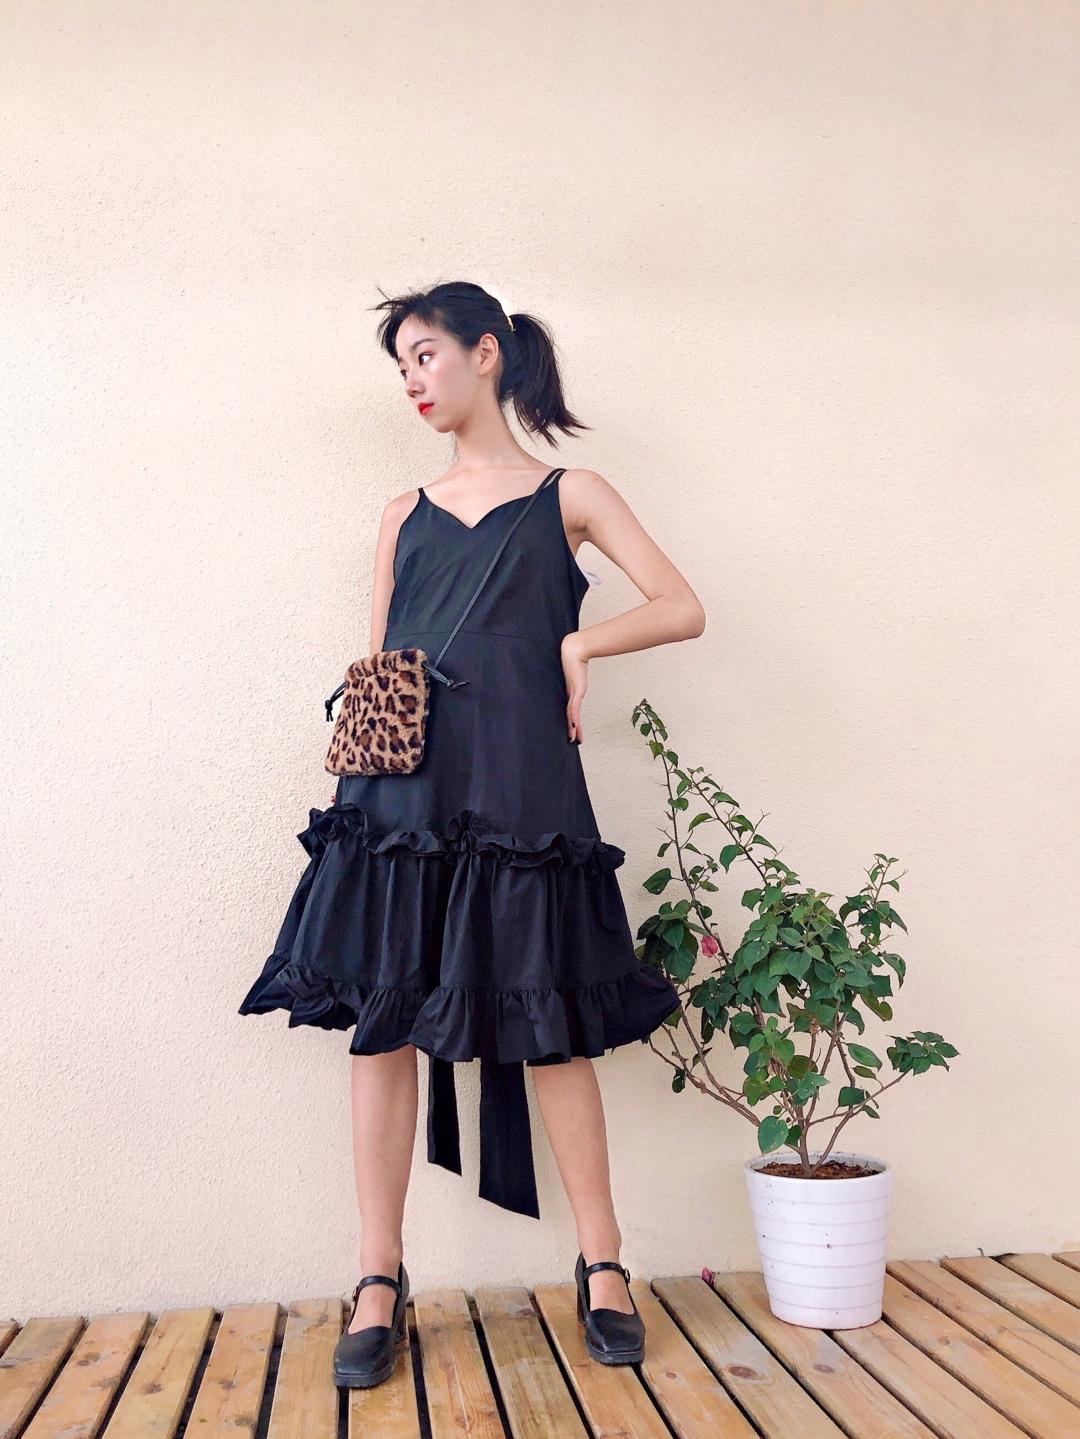 #仙女长裙,我心动了!#  黑色真的超级显瘦哦~ 吊带设计多层褶皱花边真的不要太心动啦 超级仙的黑色连衣裙哦!